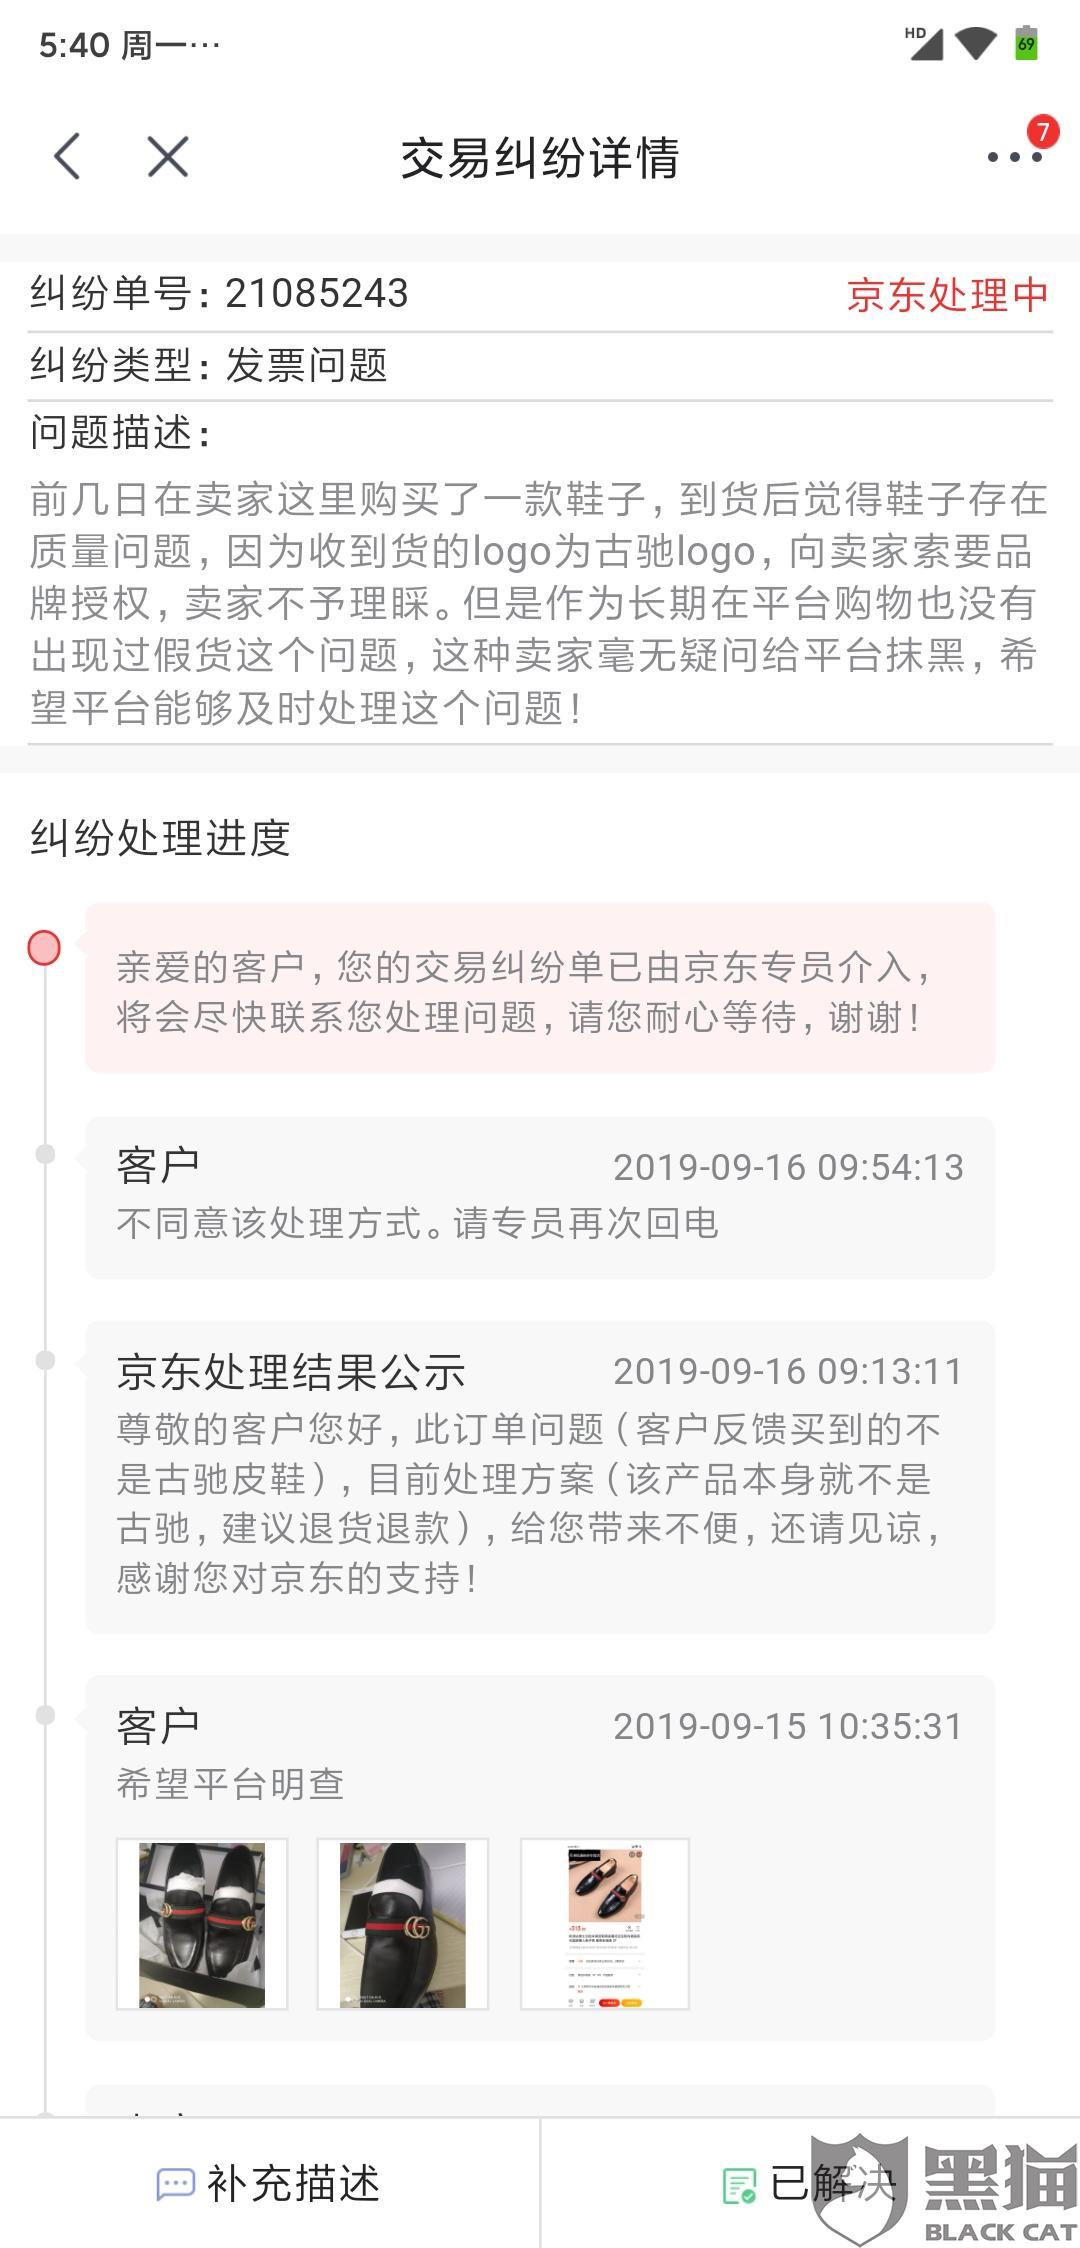 黑猫投诉:京东专员包庇卖家,放纵卖家出售假货!不做任何处罚!